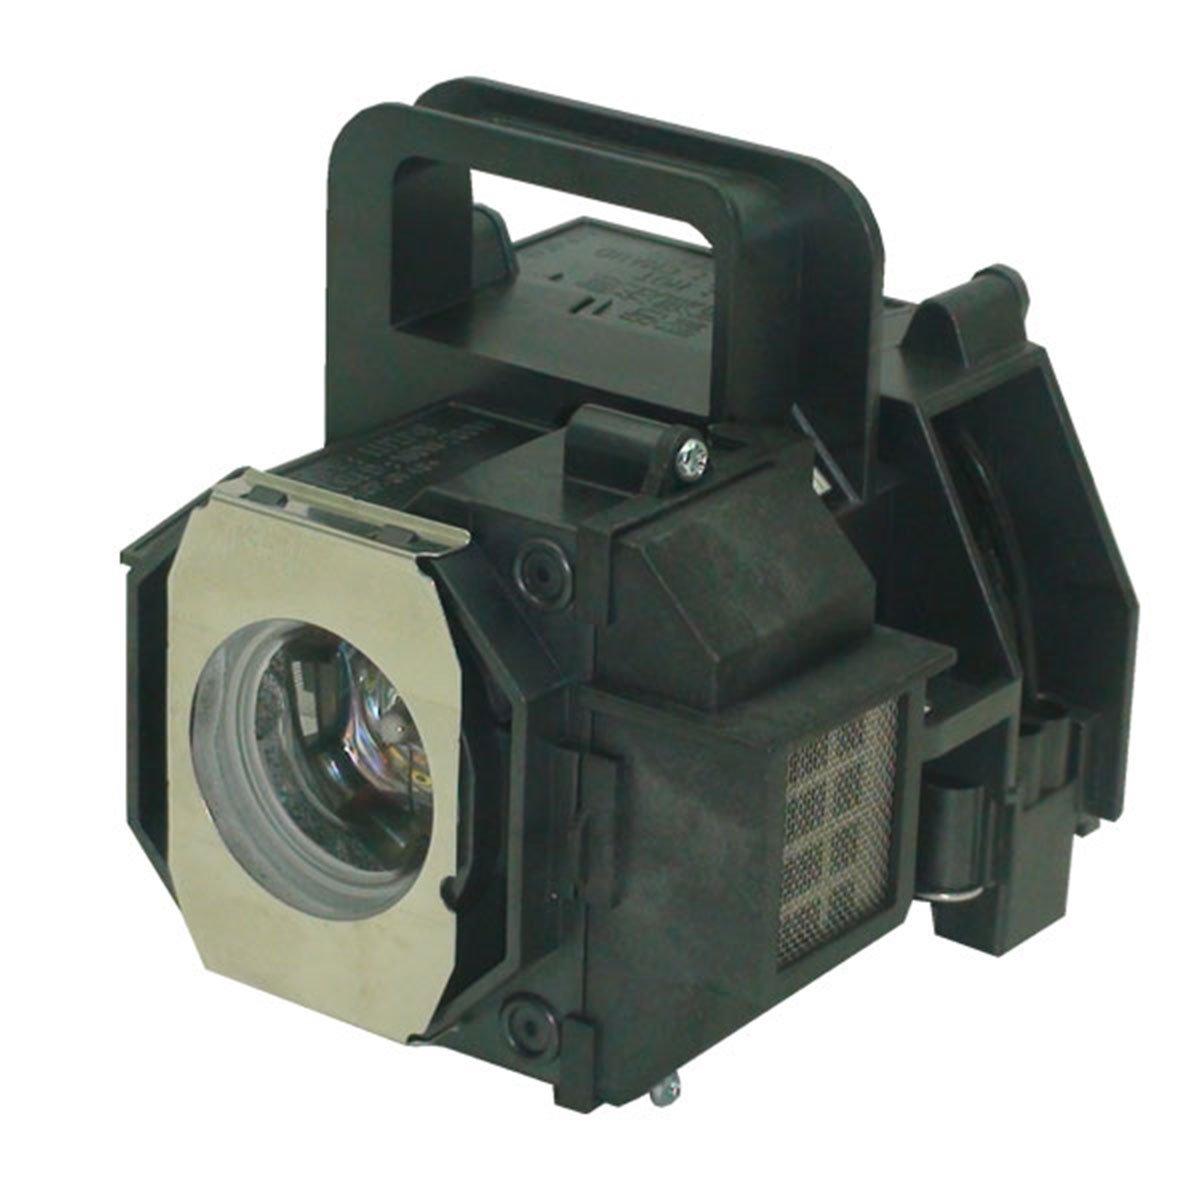 オリジナル Osram プロジェクター交換用ランプ Epson ELPLP49用 Platinum (Brighter/Durable) Platinum (Brighter/Durable) Lamp with Housing B07KTL6TQX